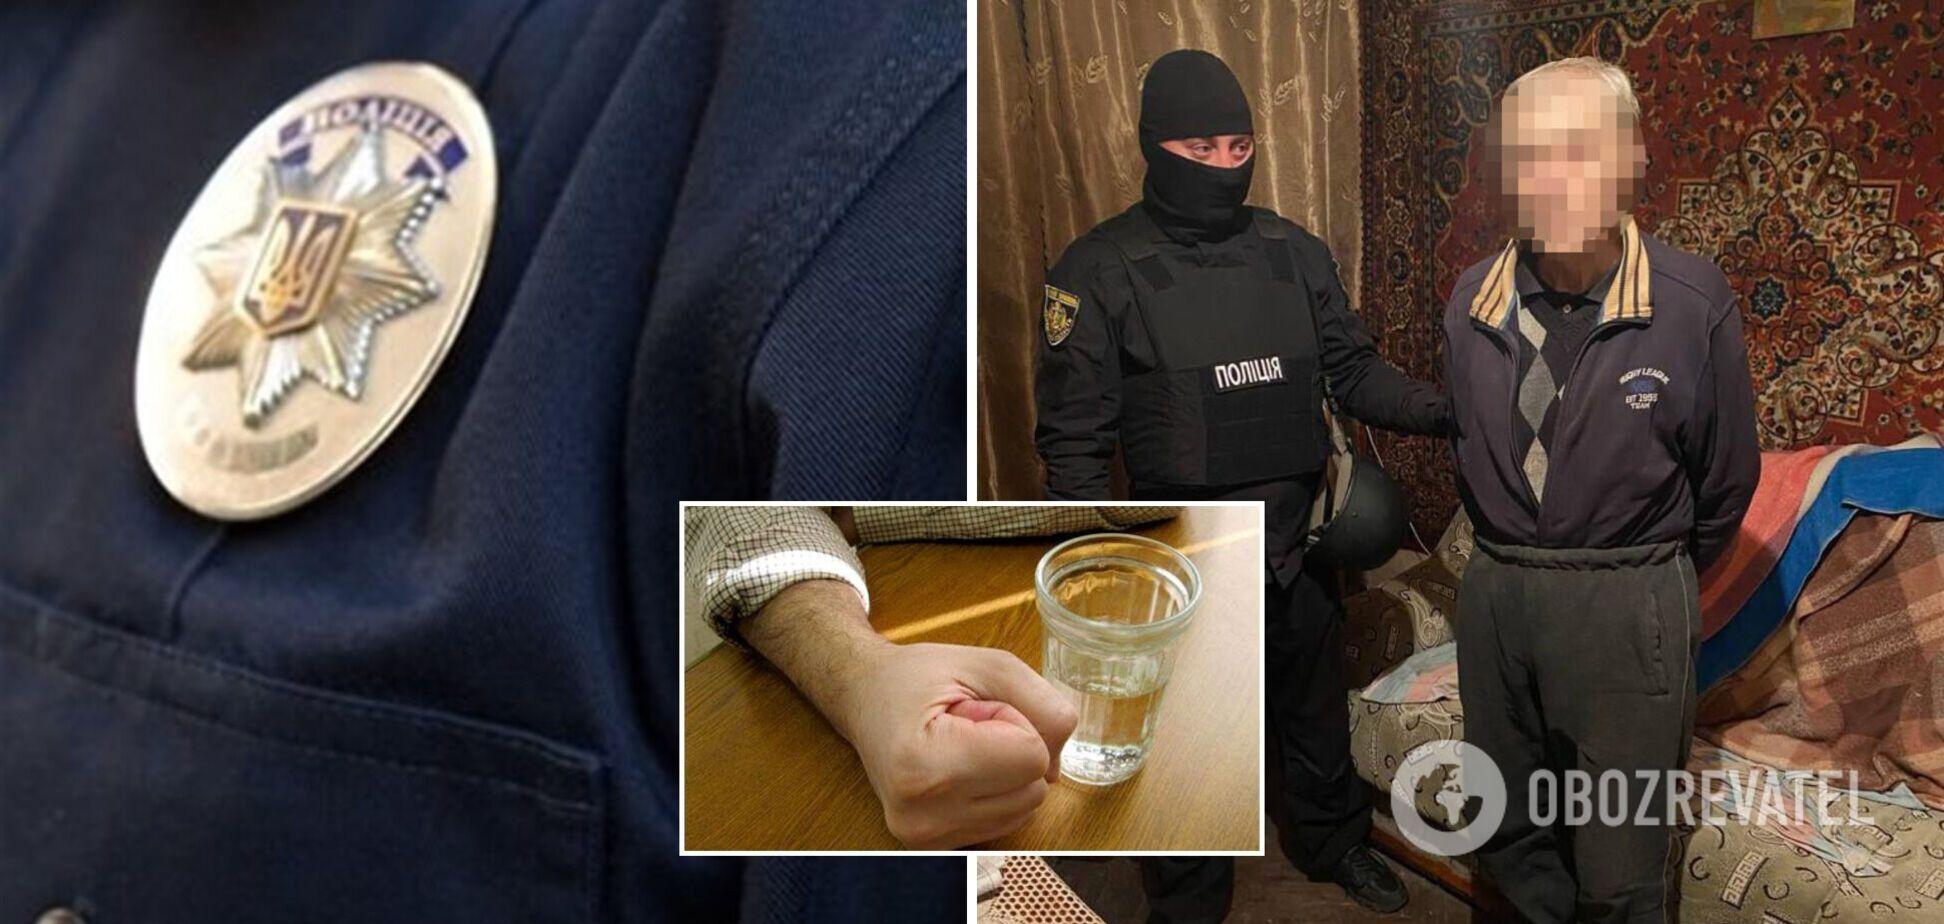 У Львові чоловік вбив знайомого і намагався його спалити. Фото 18+